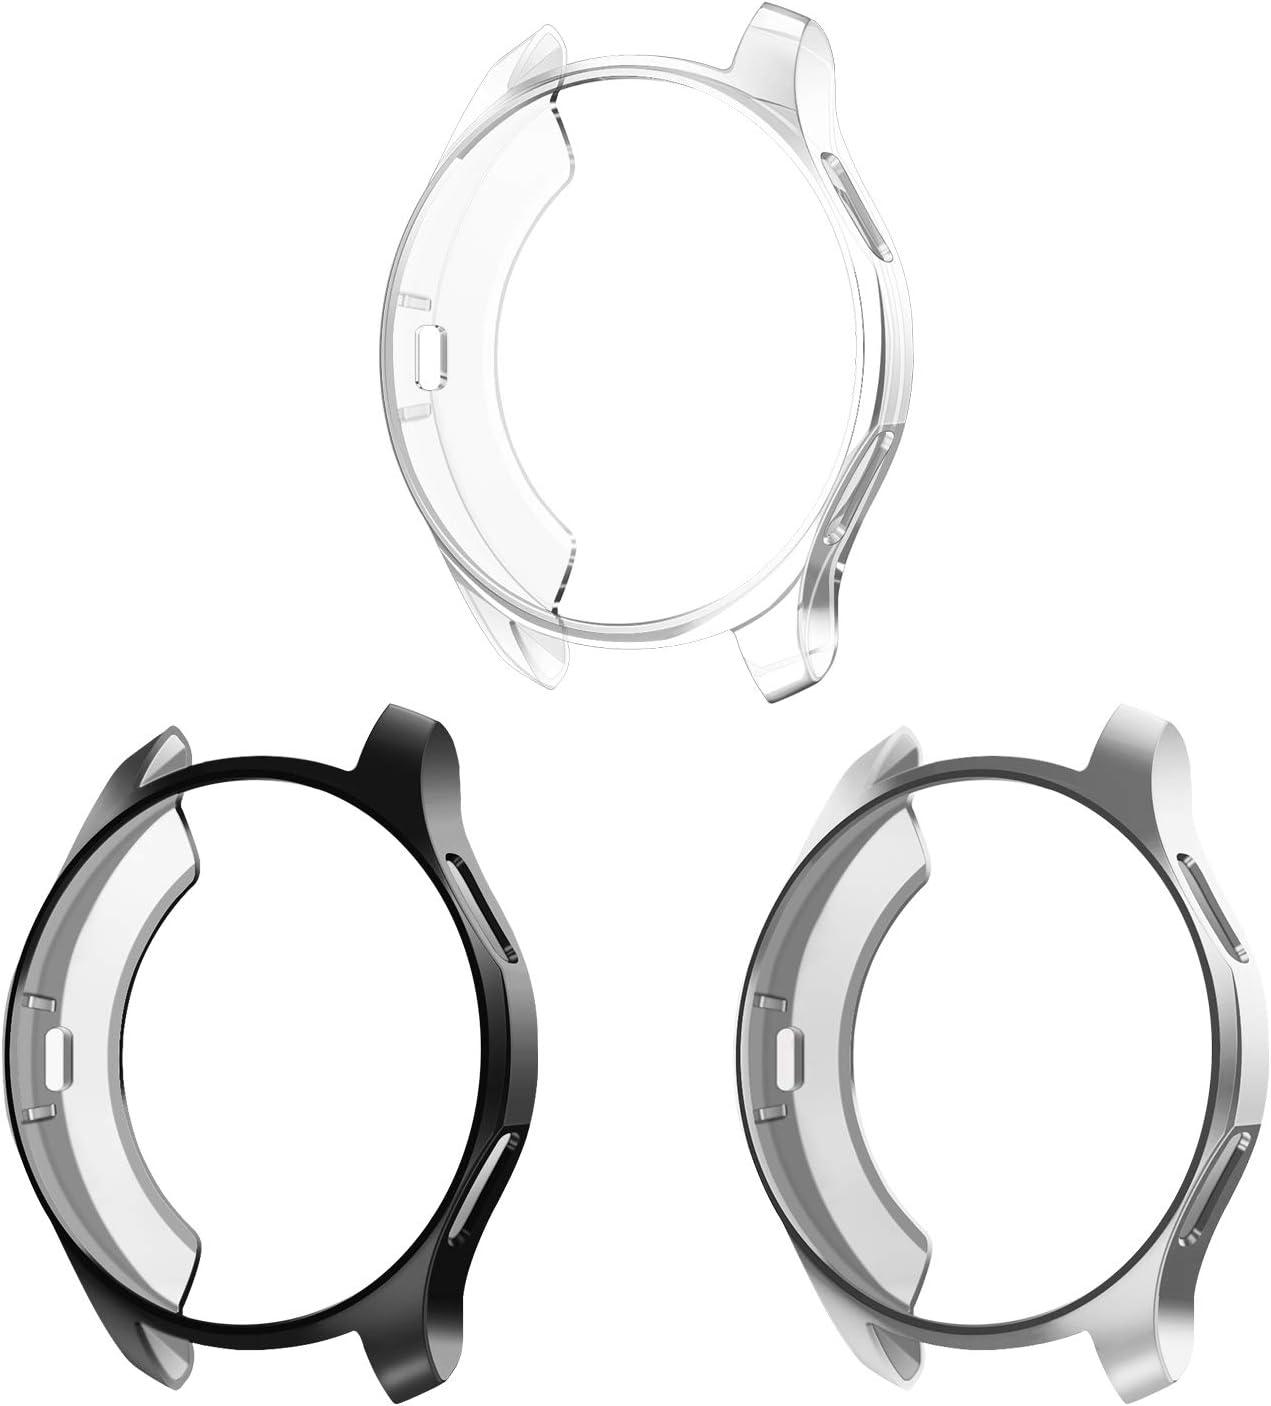 Protector para Galaxy Watch 42 mm SM-R810 -3un